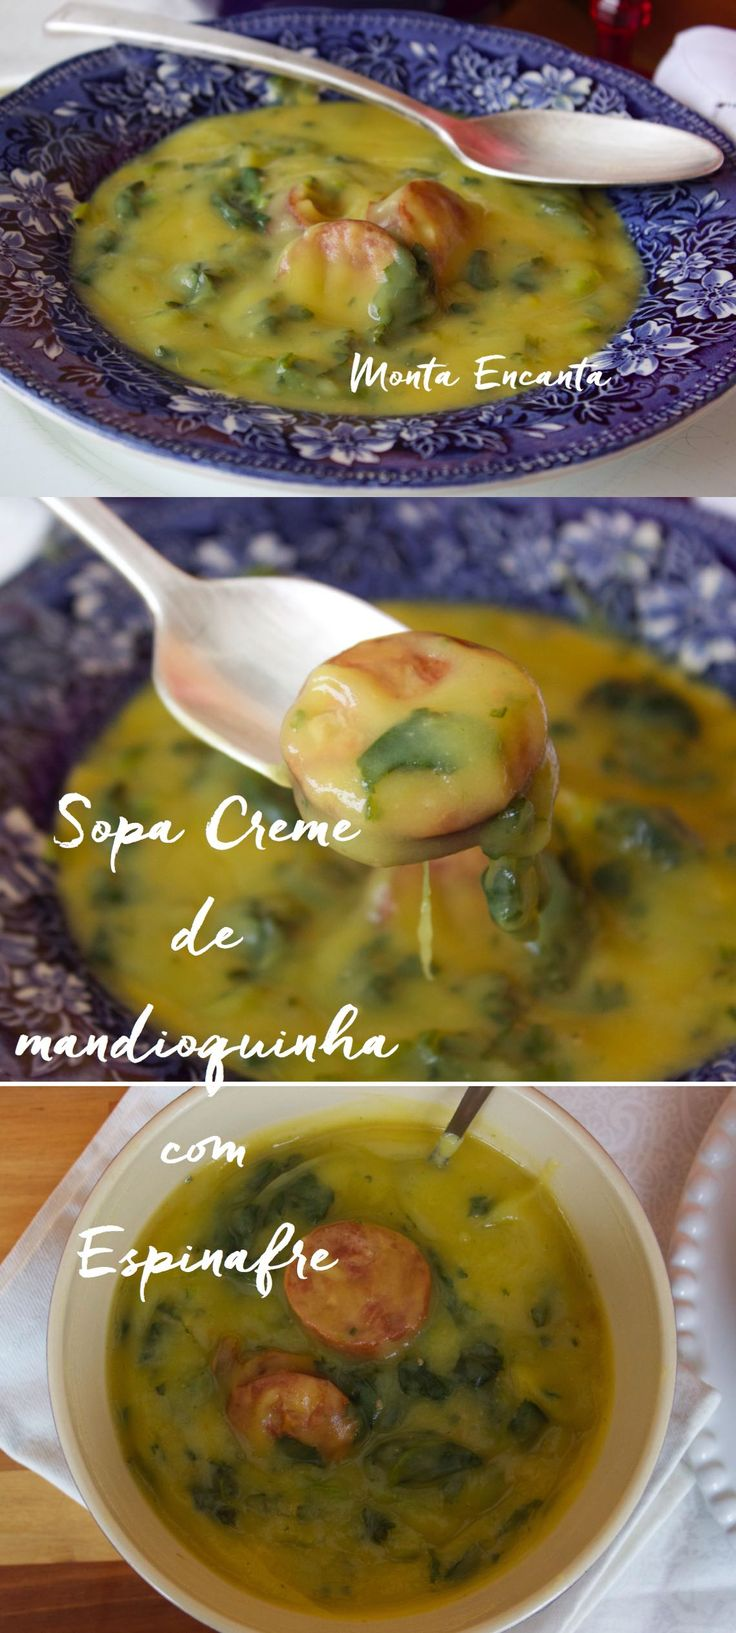 Sopa Creme de Mandioquinha com Espinafre e rodelas de linguiça calabresa defumada, servida bem quente para aquecer no inverno.